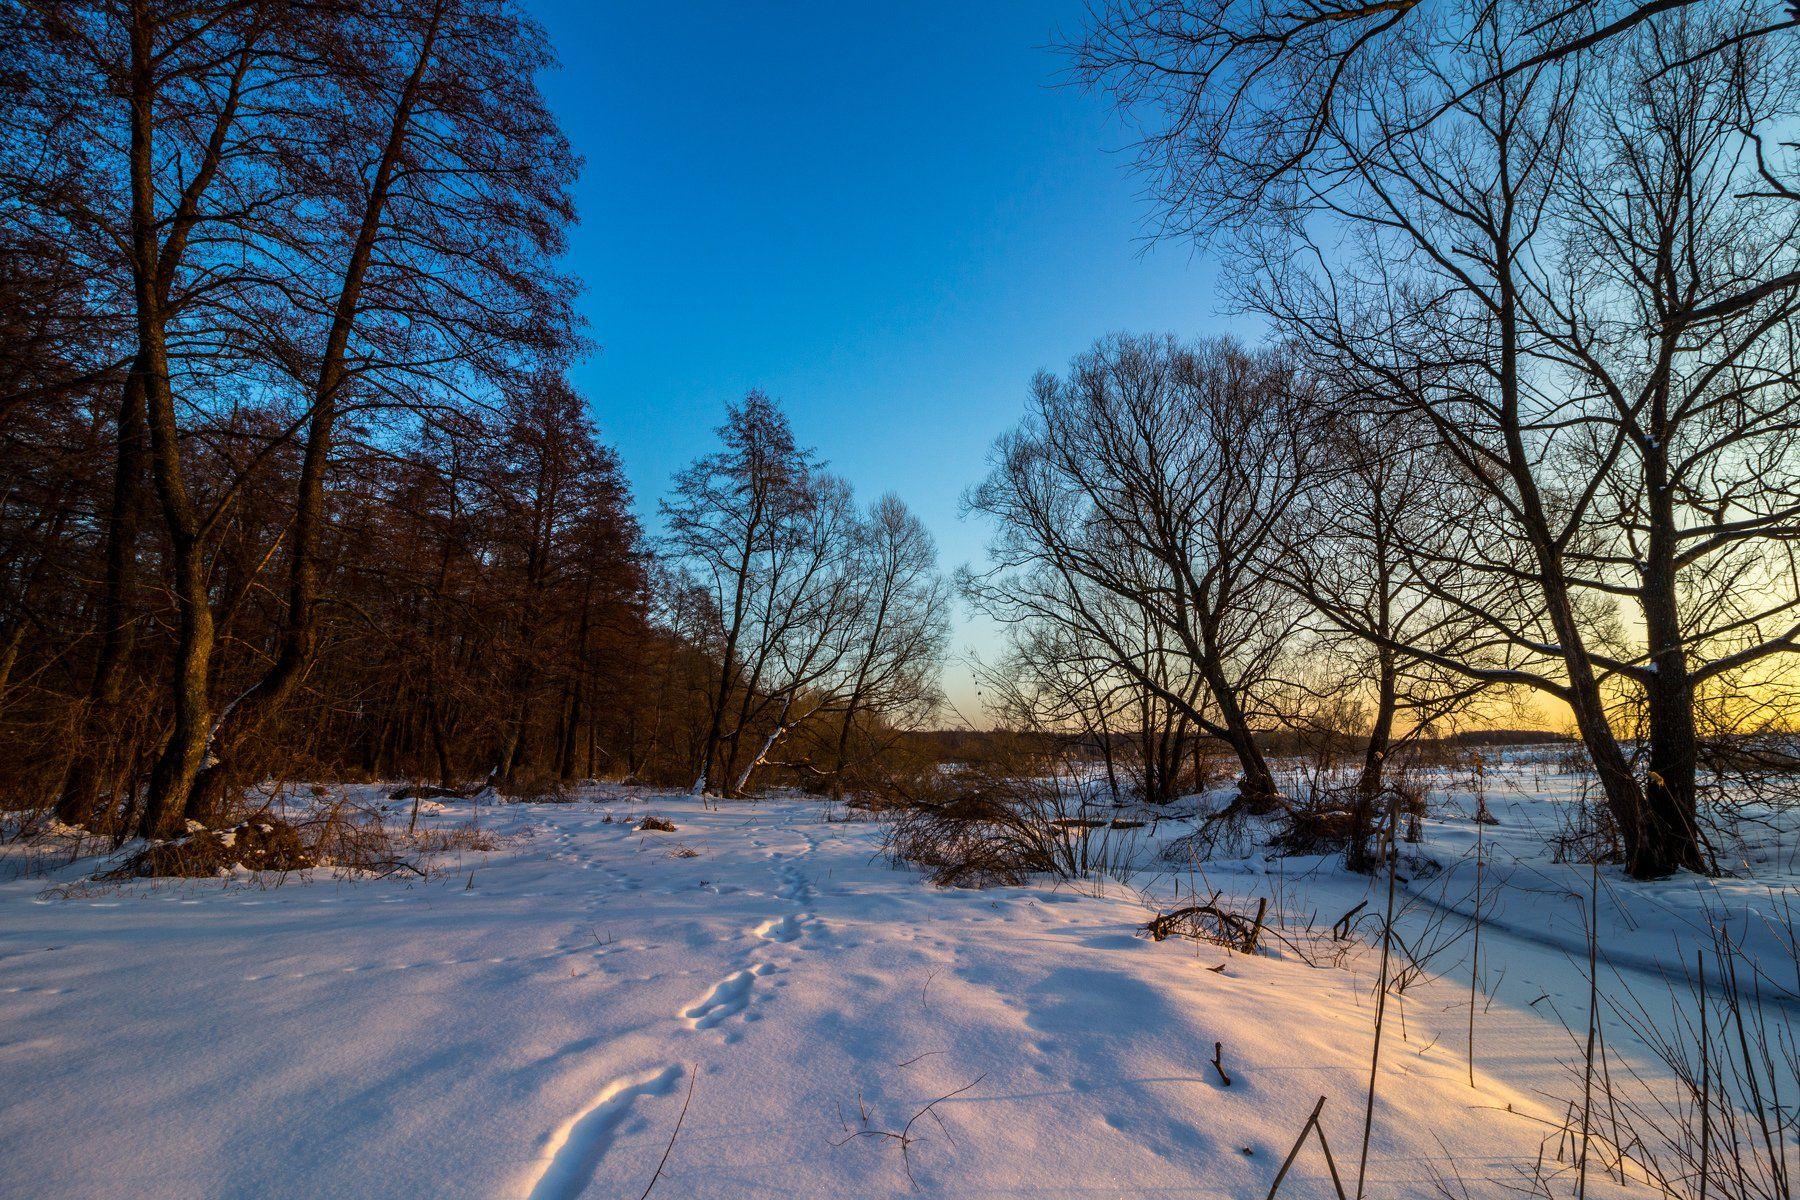 зима, лес, река, усмань, снег, вечер, ольха, Руслан Востриков